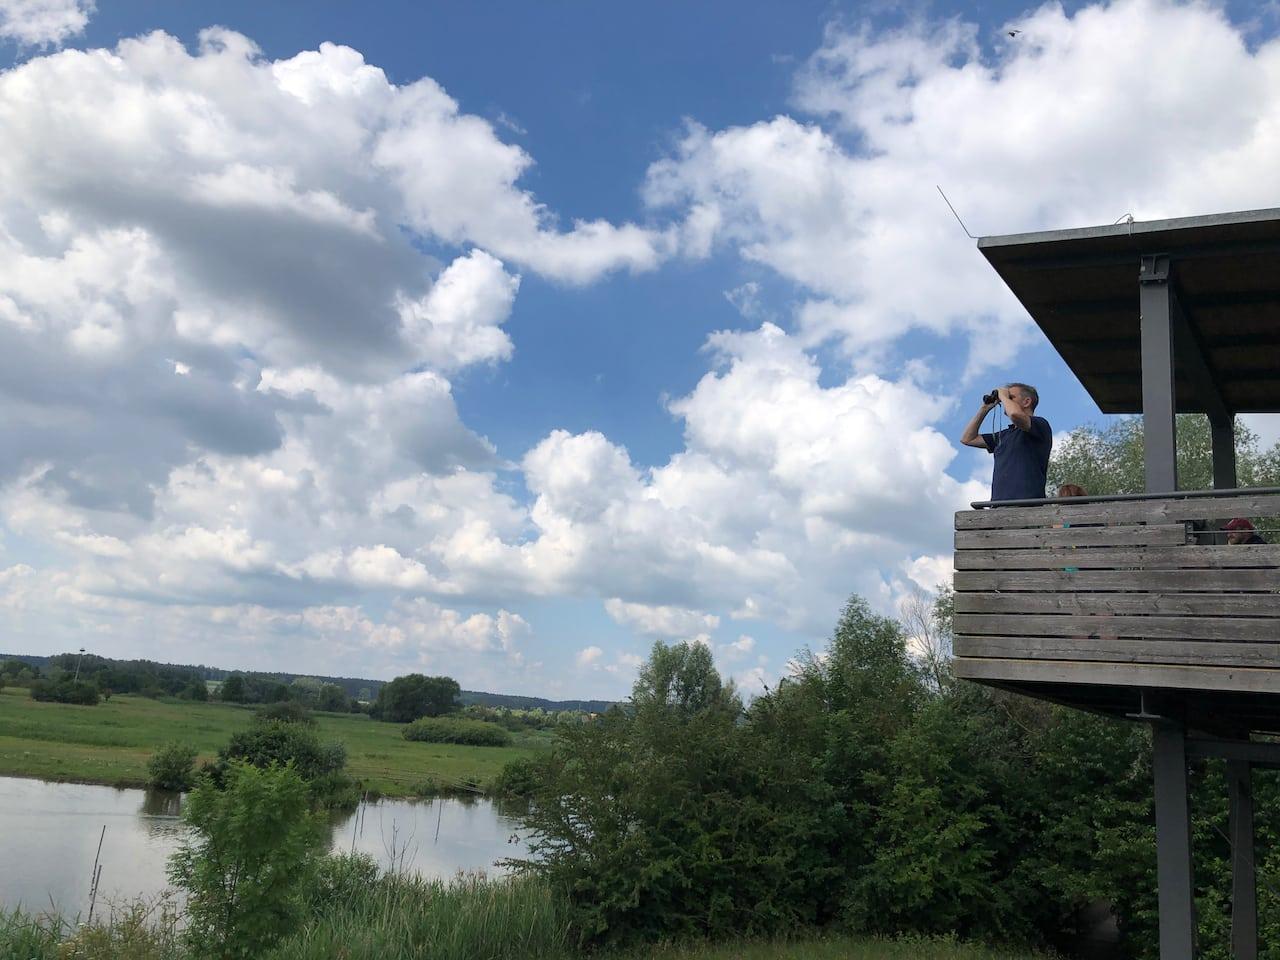 Een schitterend uitzichtspunt op het vogeleiland in de Altmuehlsee in Franken